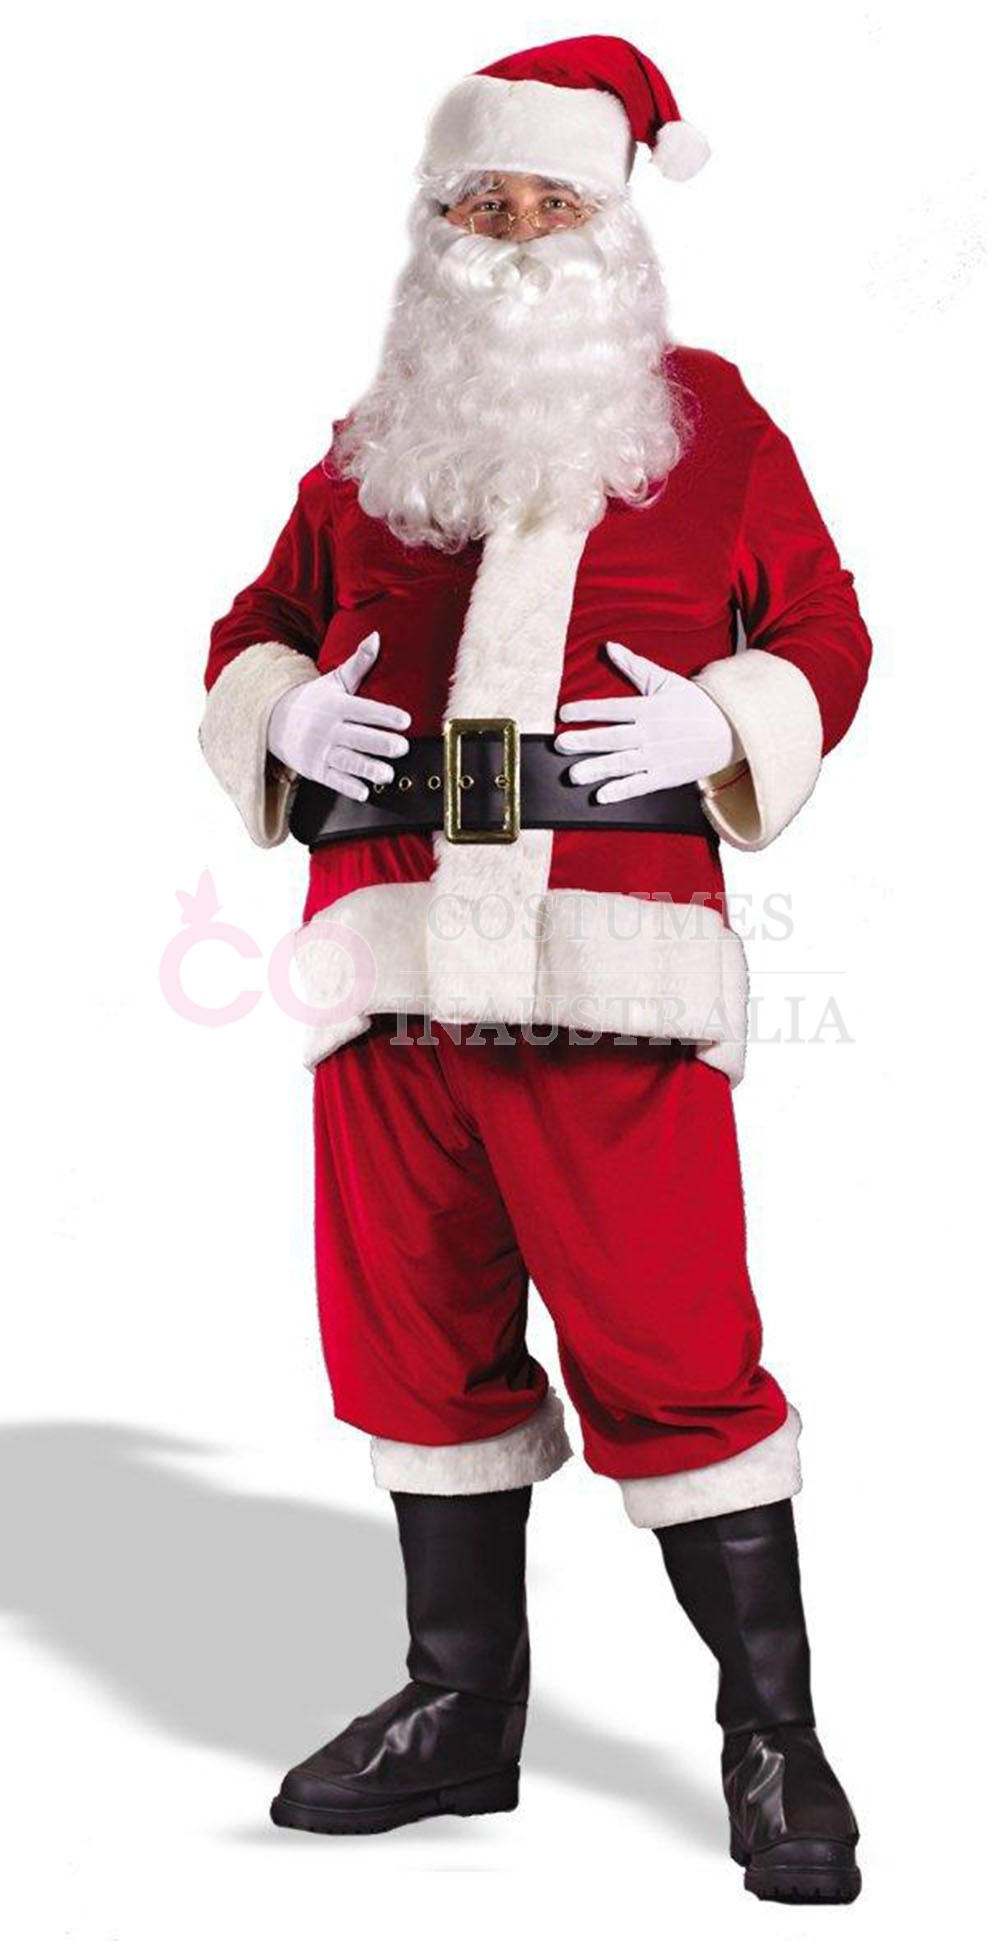 Flannel Santa Claus Suit Clause Christmas Xmas Fancy Dress ...